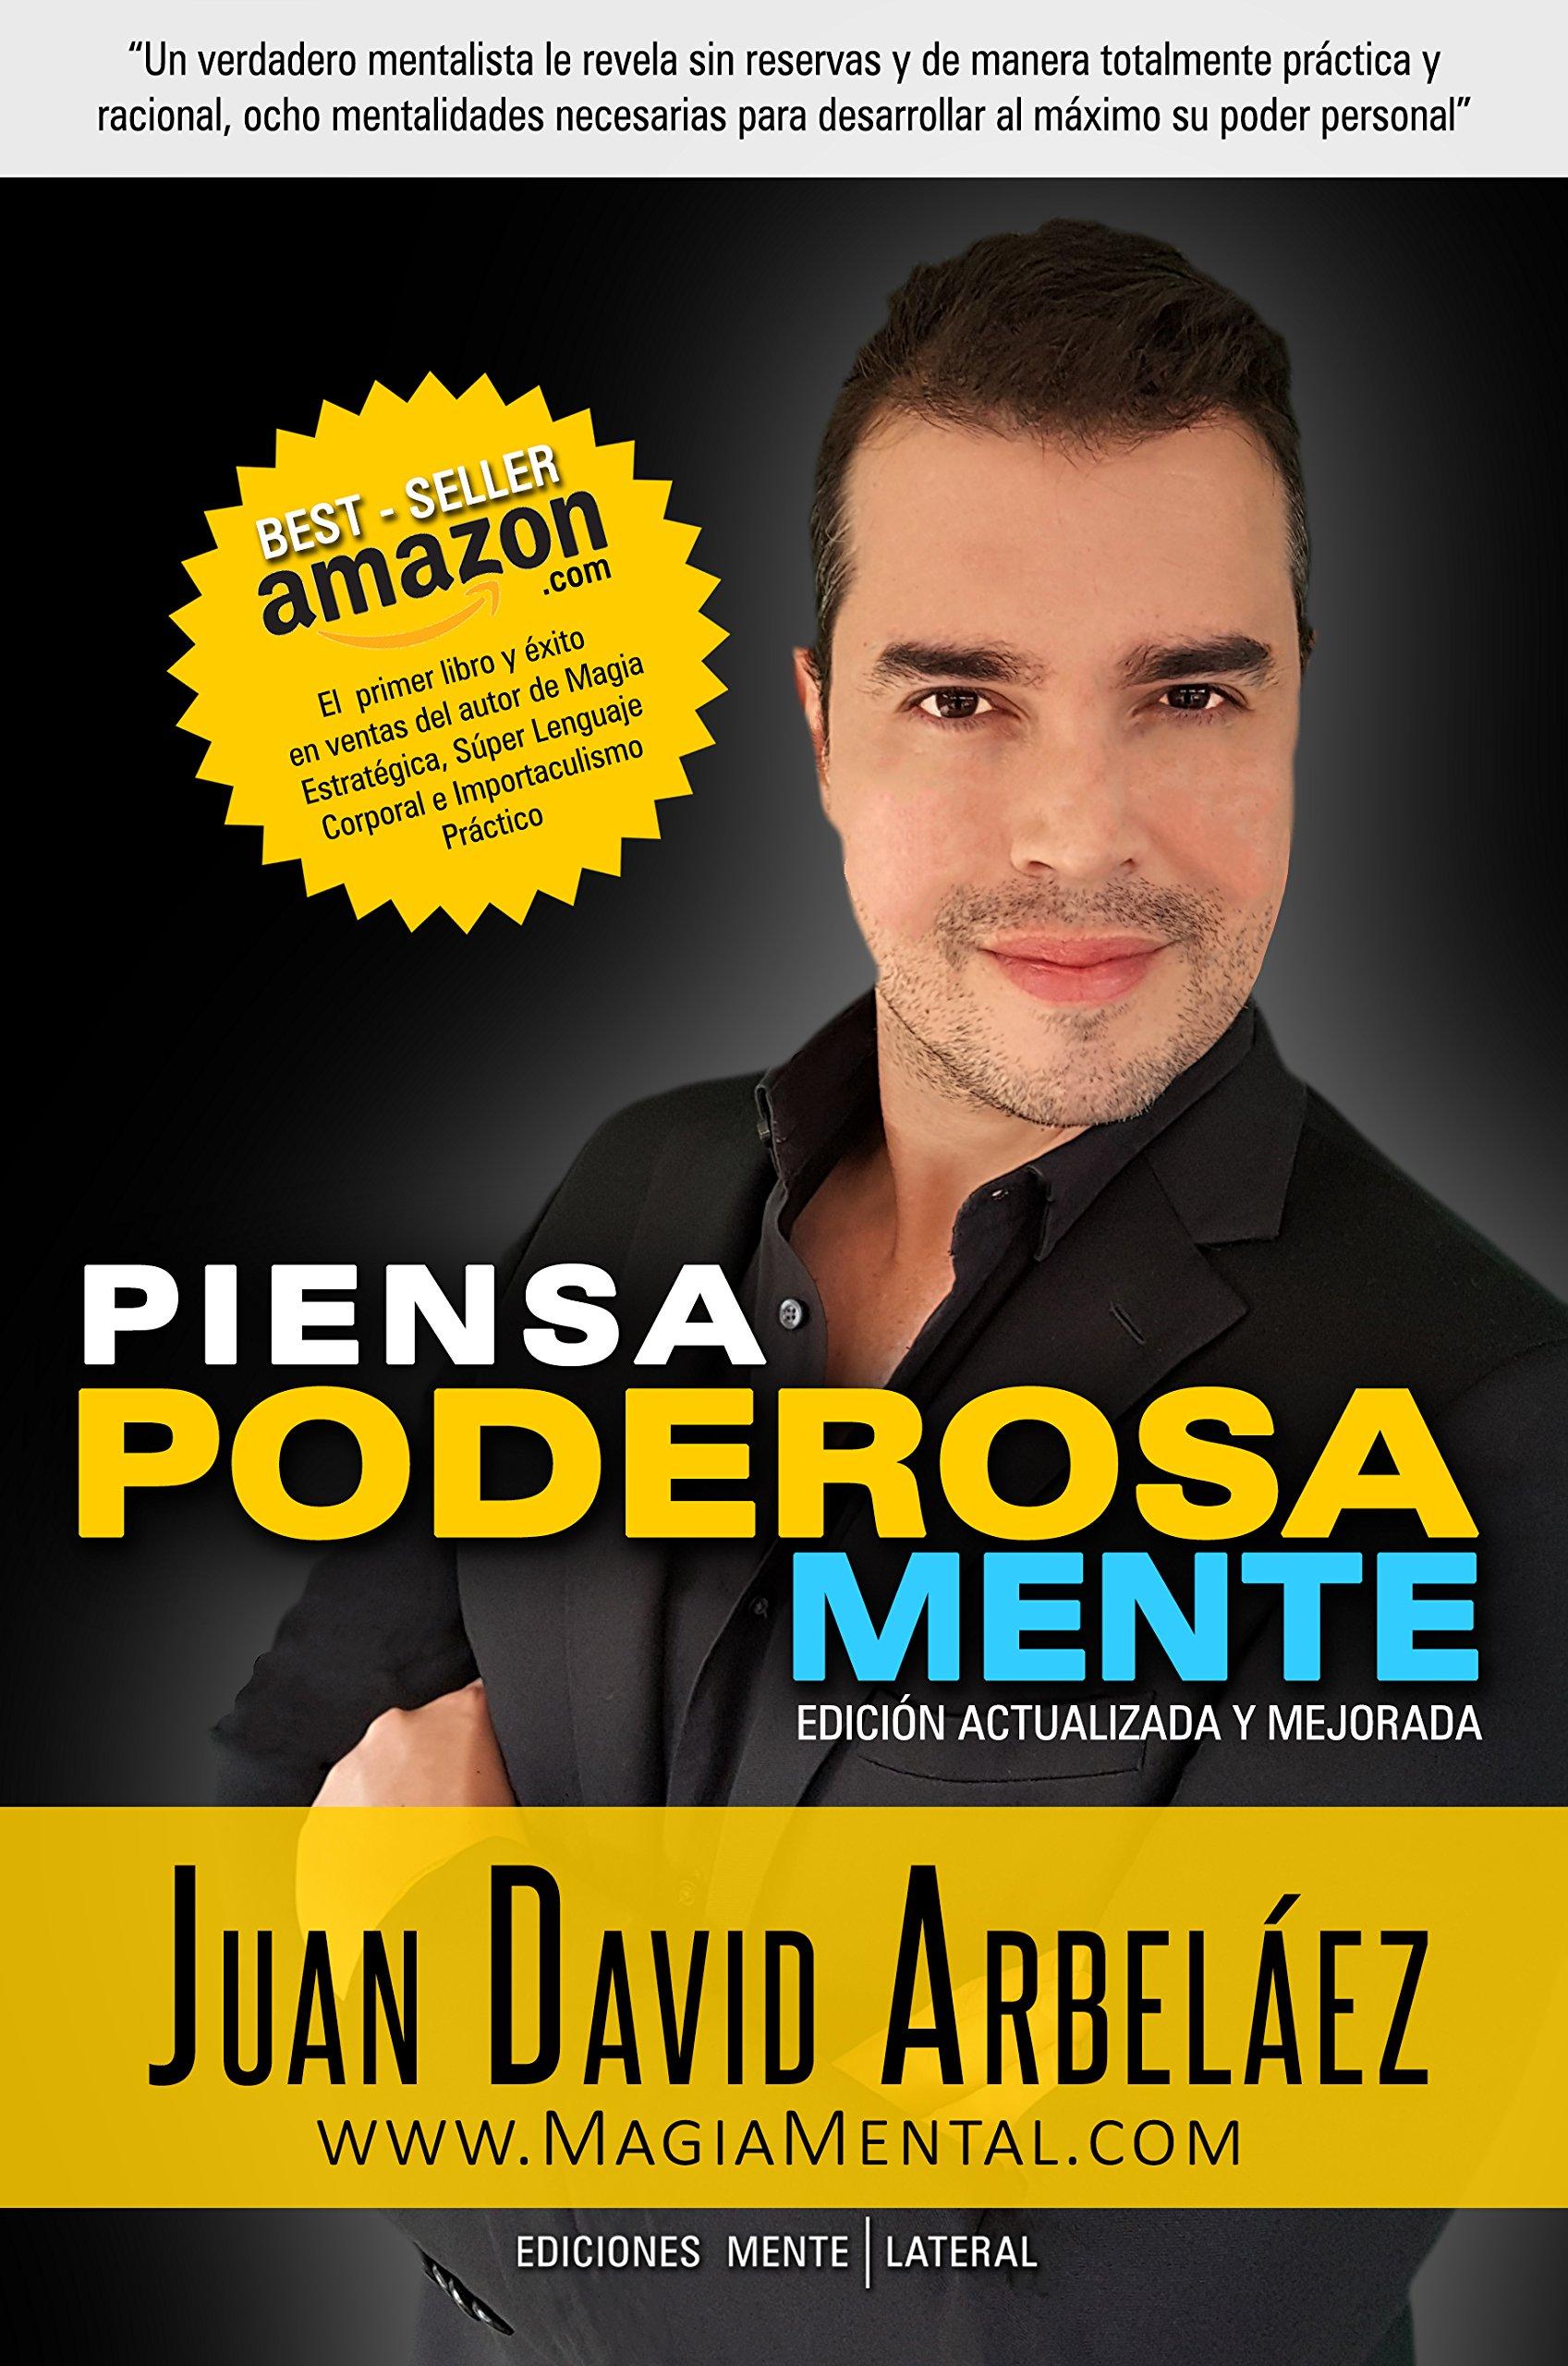 Piensa Poderosamente: Mentalidades para empoderarse y desarrollar al máximo su poder (Spanish Edition)